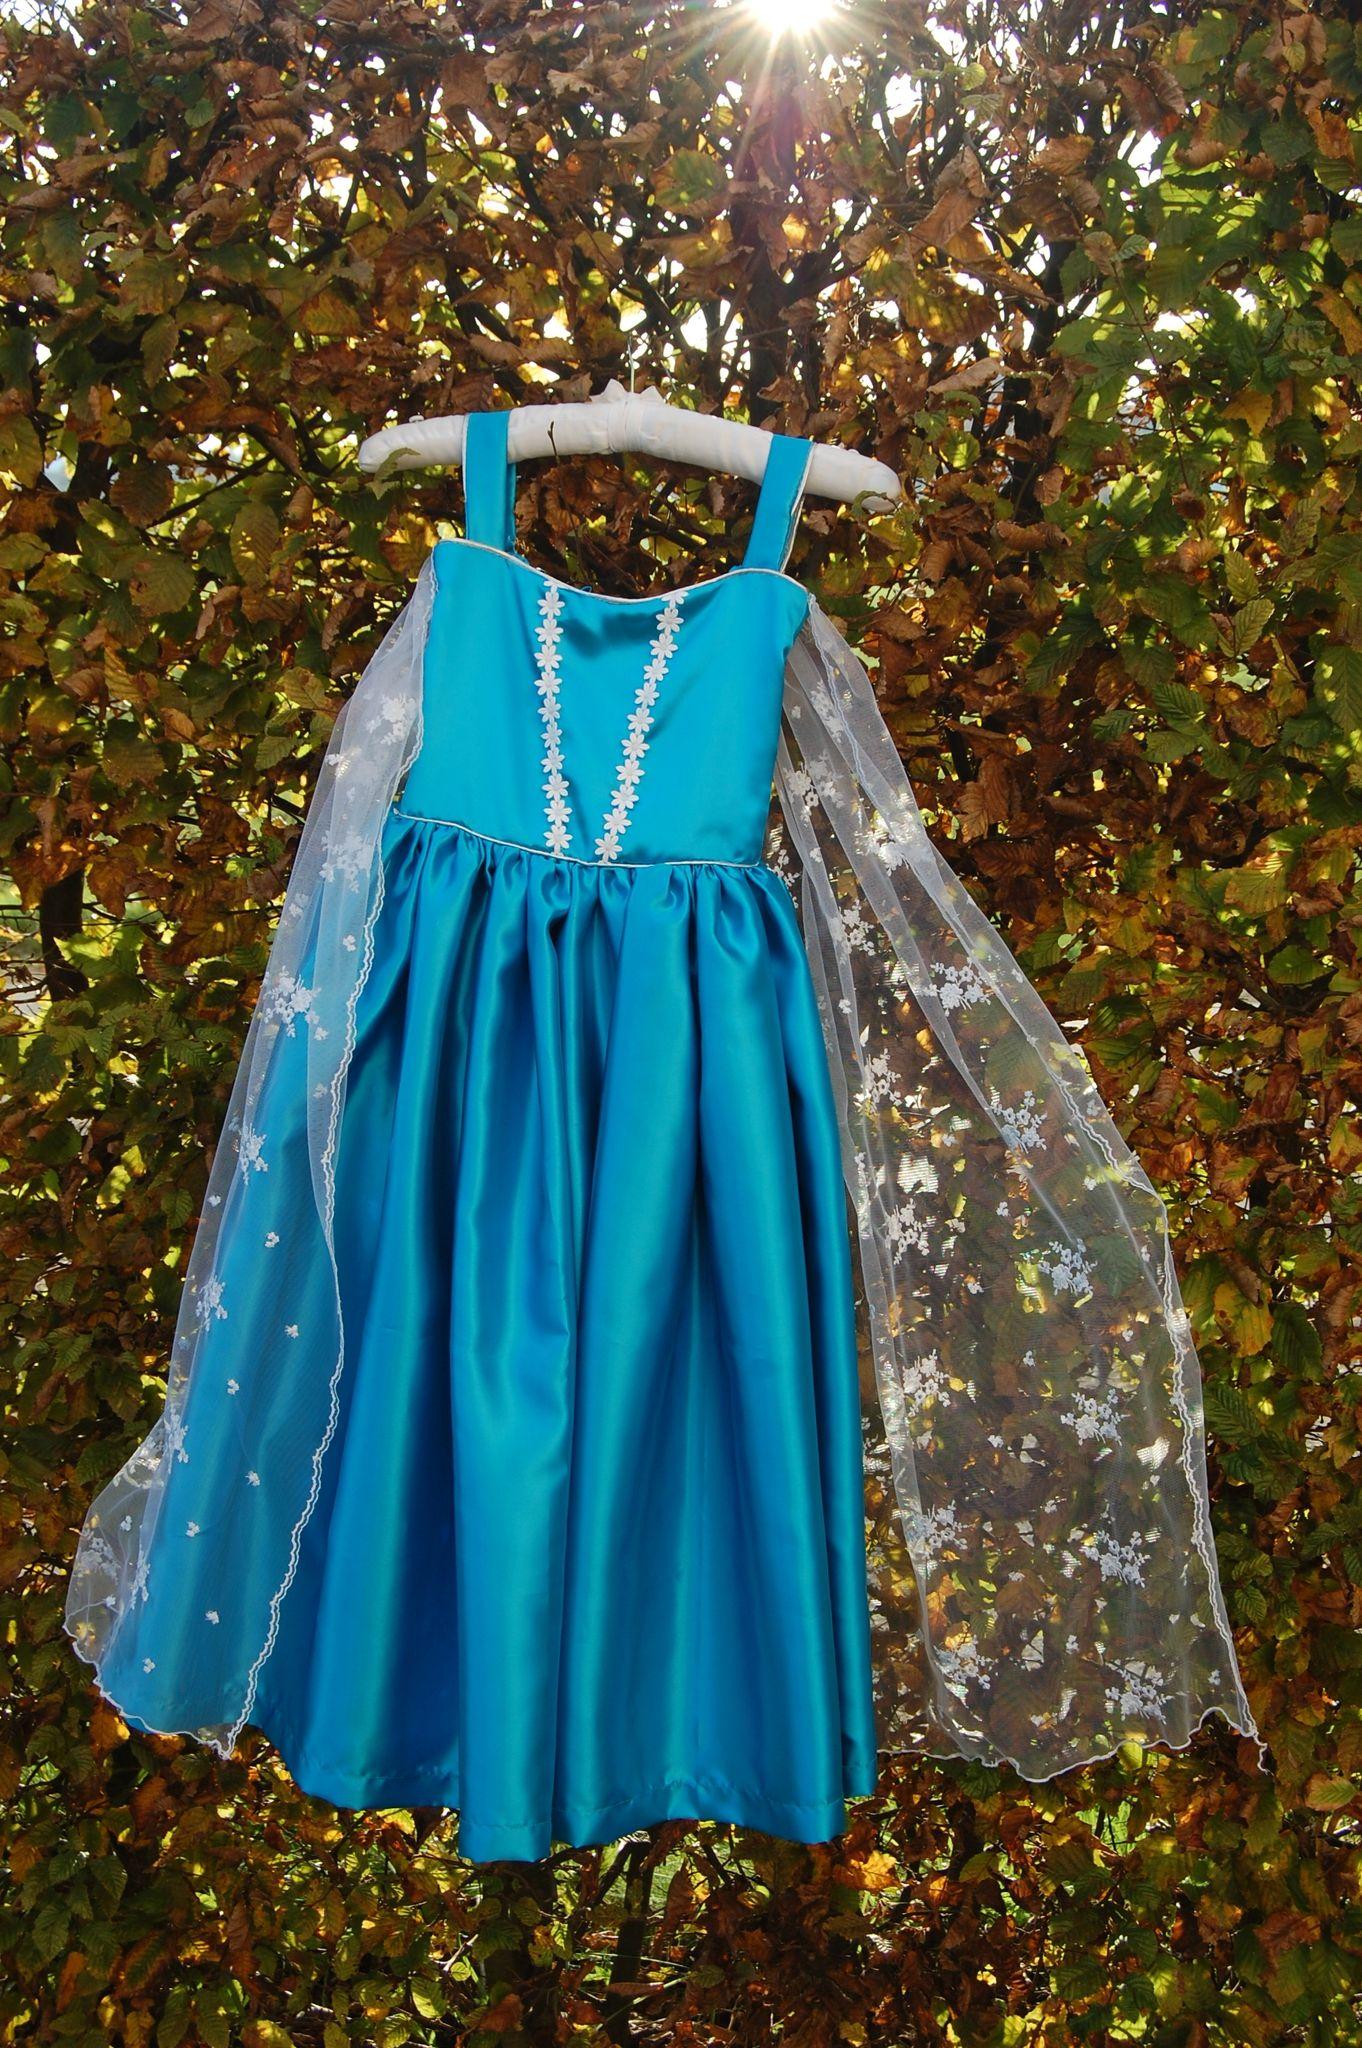 la reine des neiges tuto de la robe d 39 elsa sacs trousses pochettes et divers contenants. Black Bedroom Furniture Sets. Home Design Ideas